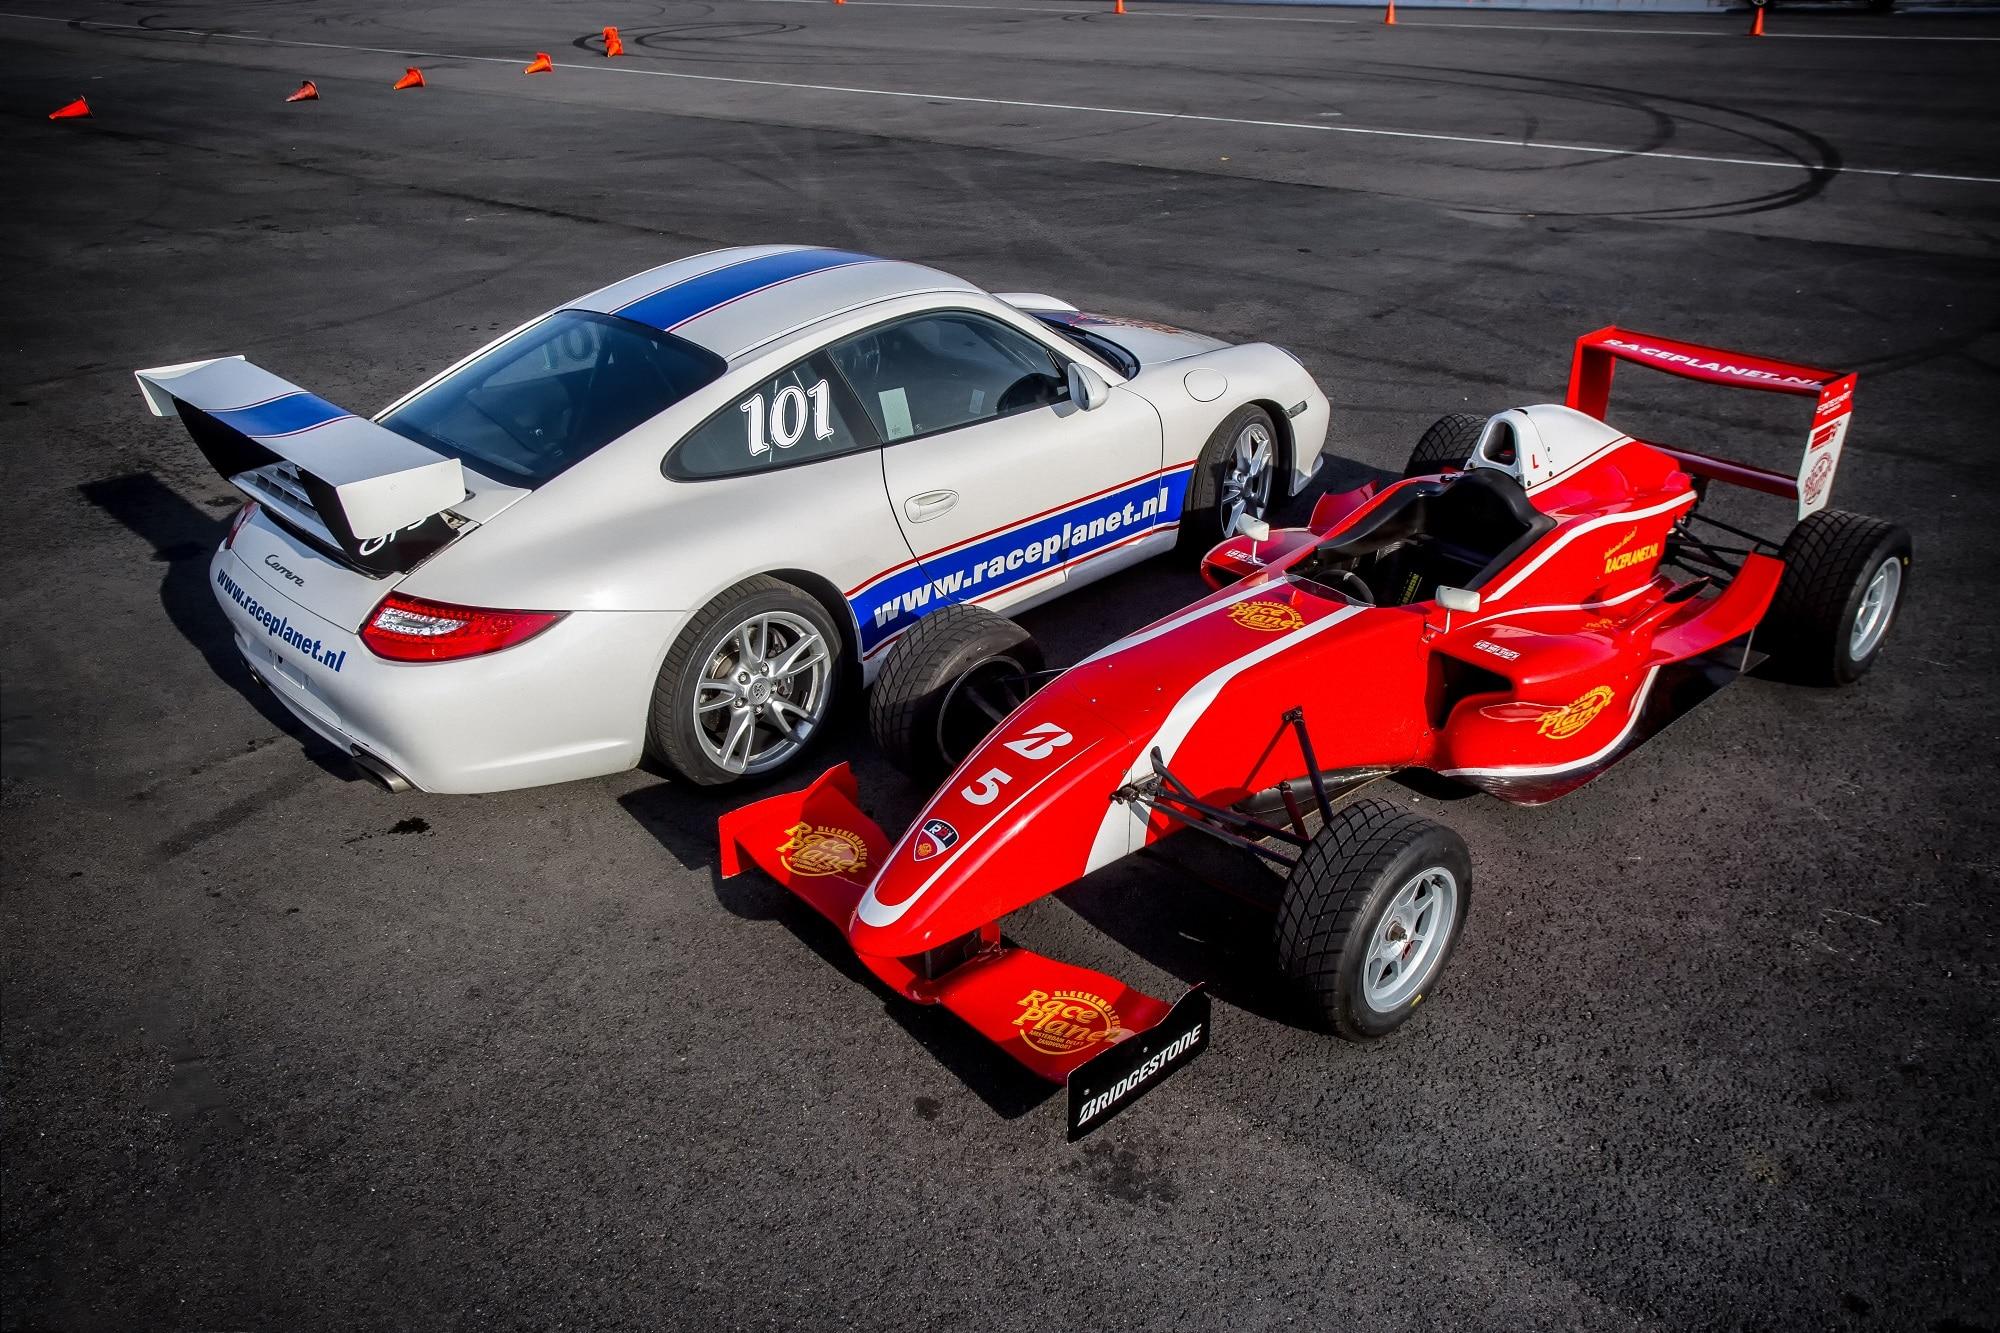 Deelnemers rijden met de Porsche 911 en Formule RP1 raceauto op Circuit Zandvoort tijdens de Driving Experience van Race Planet